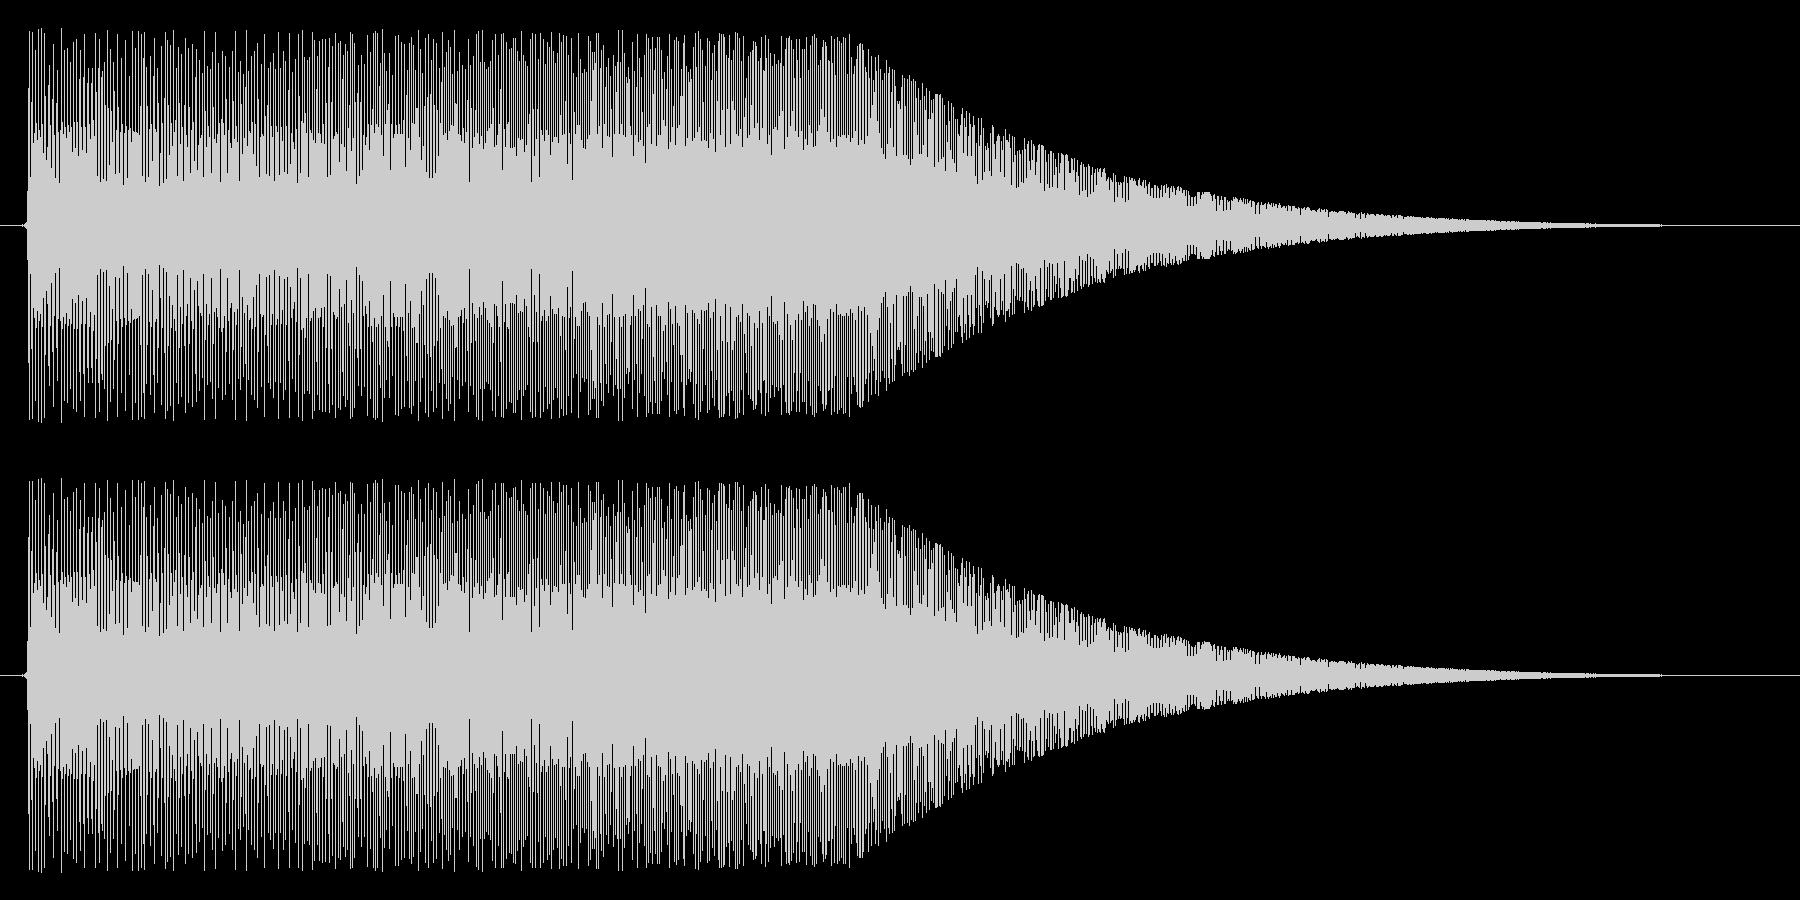 上昇/パワーアップ/メーターの未再生の波形